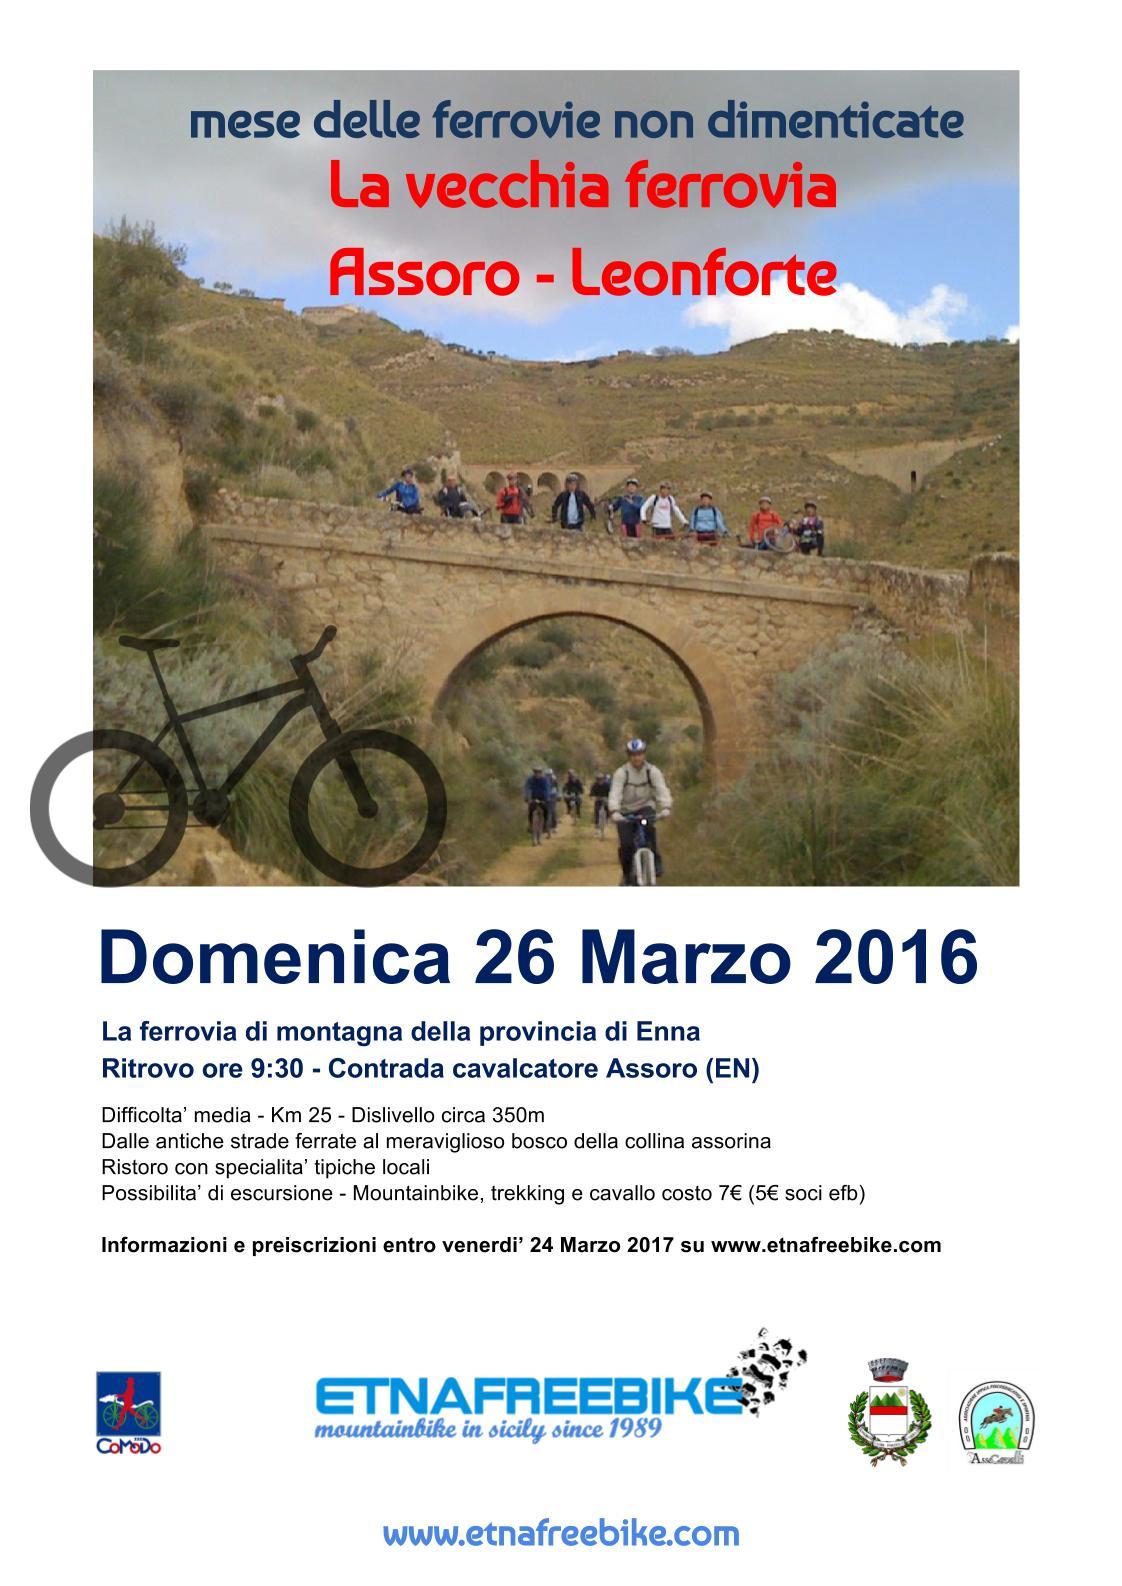 Ferrovie non dimenticate 2017- Sicilia